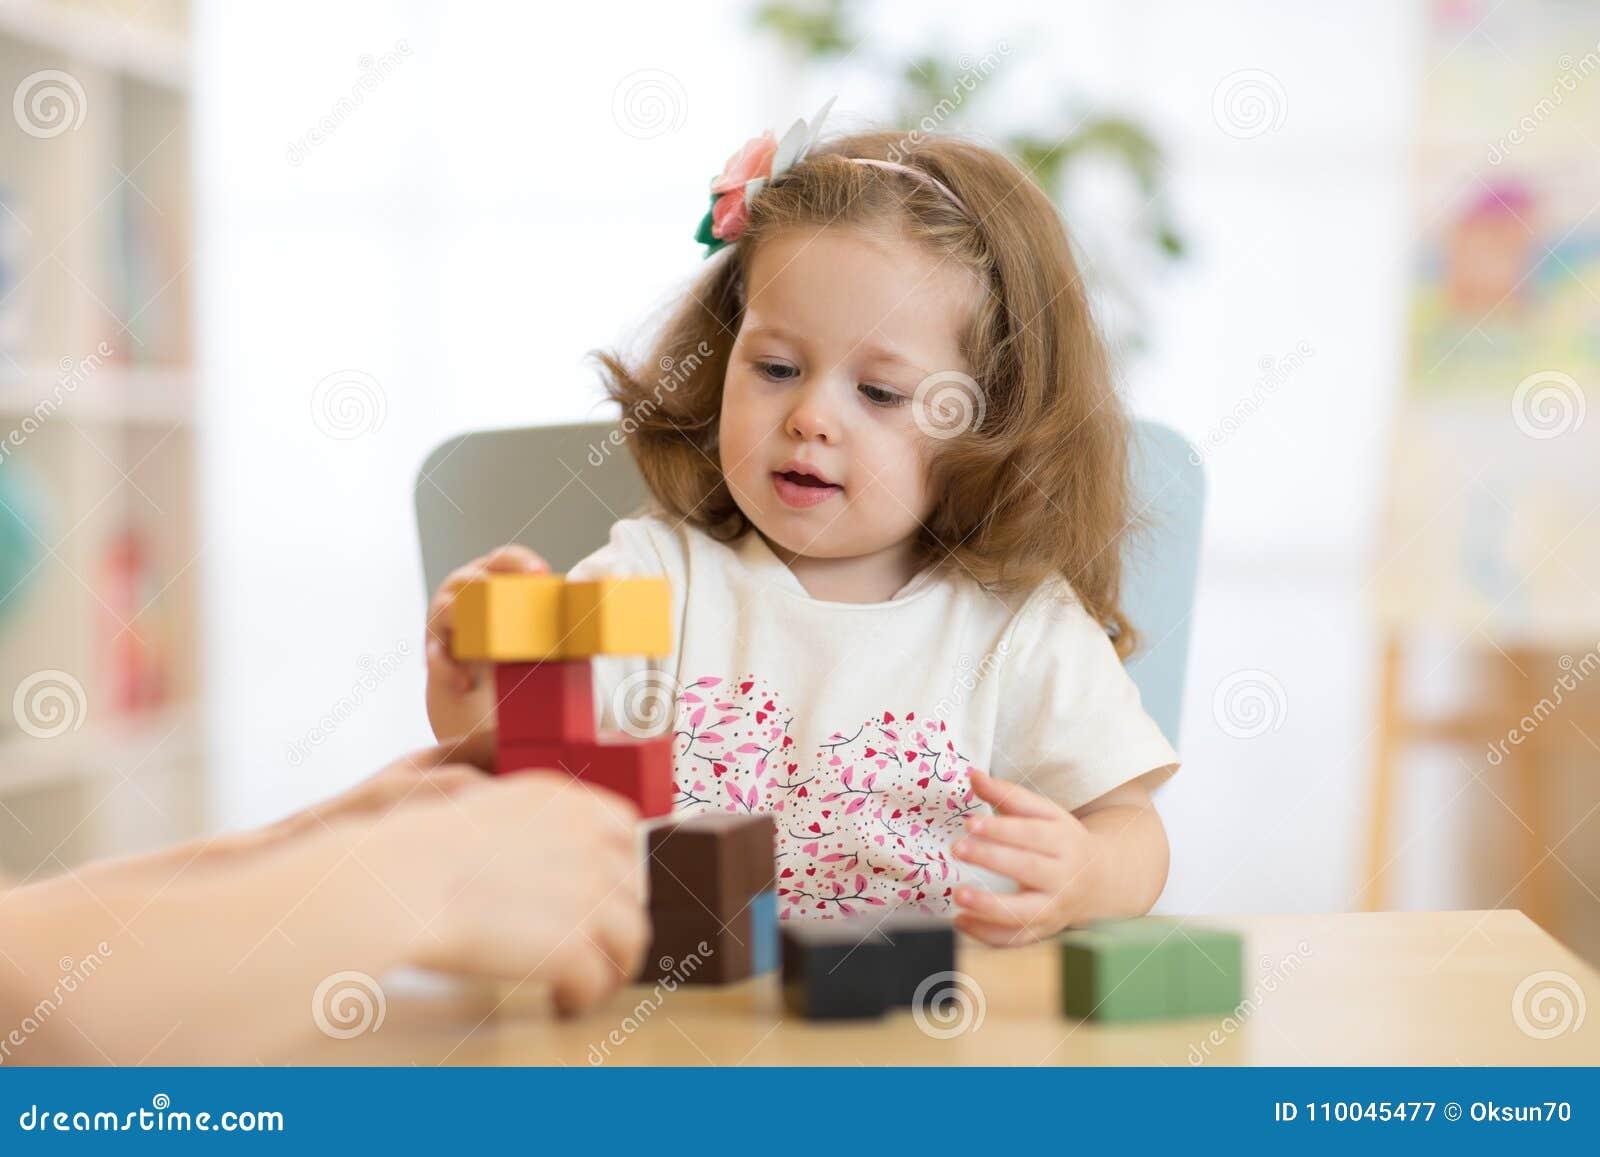 Little child girl plays in kindergarten in Montessori preschool class.